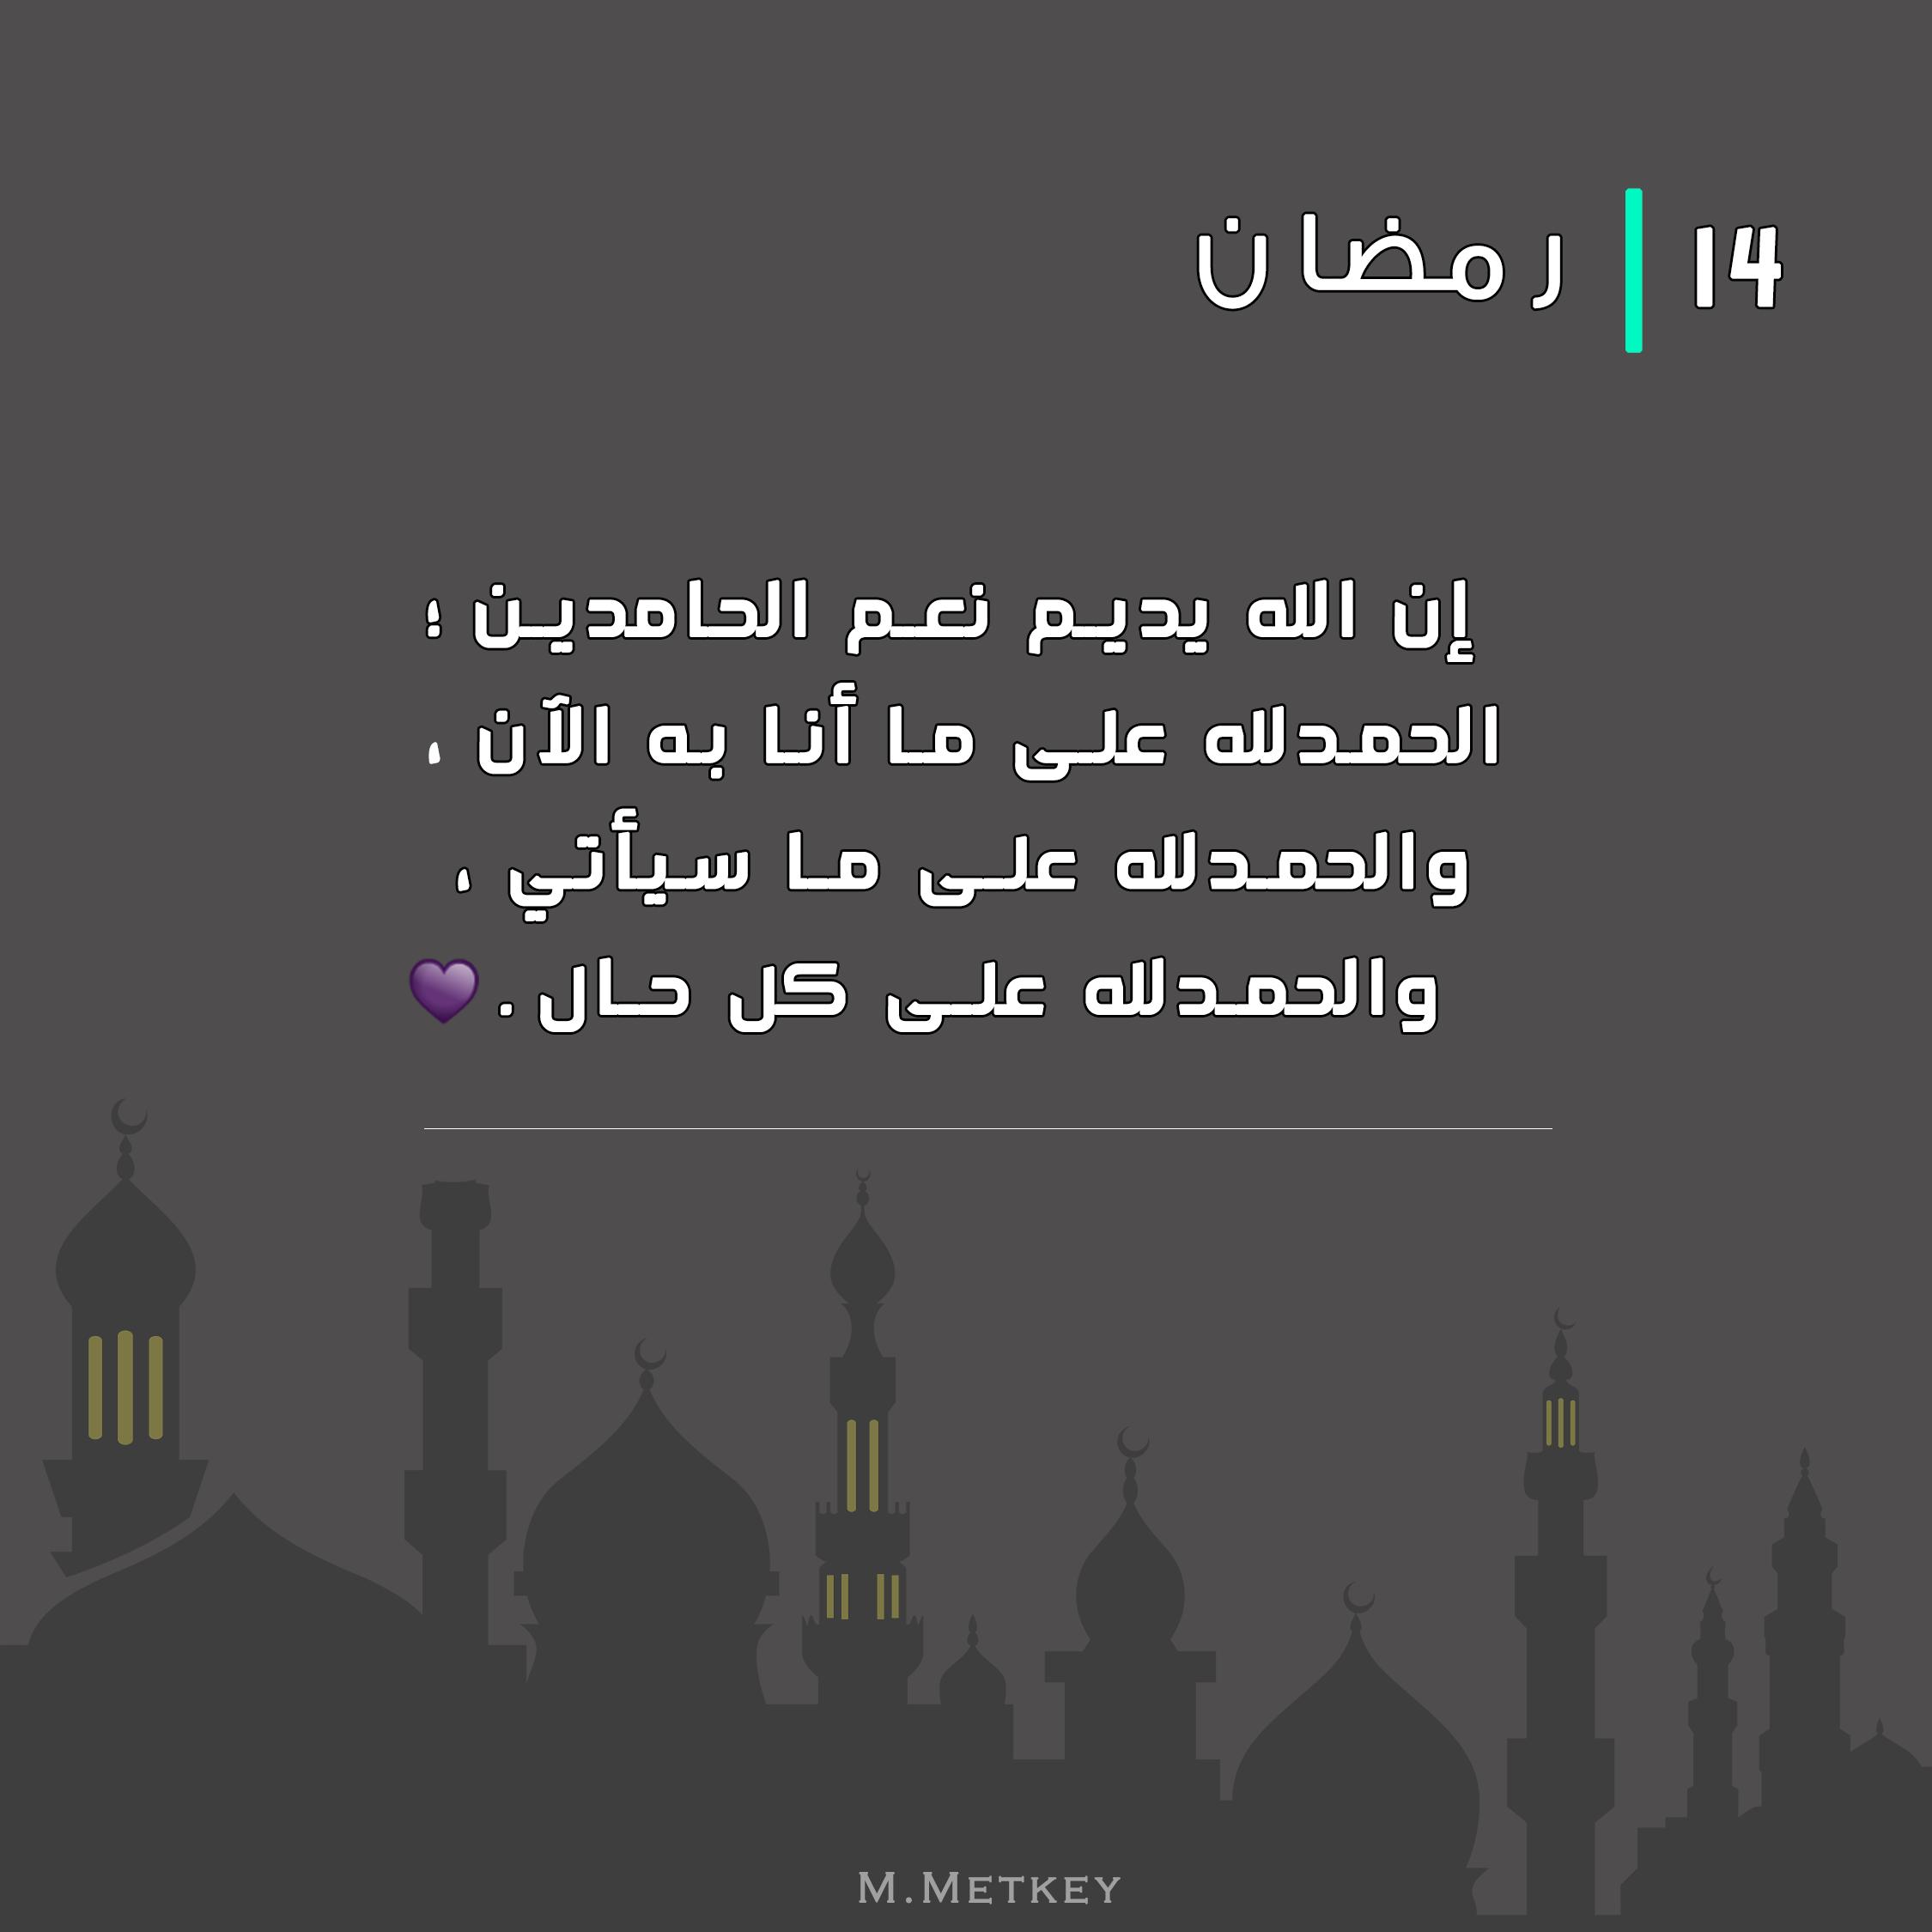 14 رمضان Ramadan Quotes Ramadan Cards Ramadan